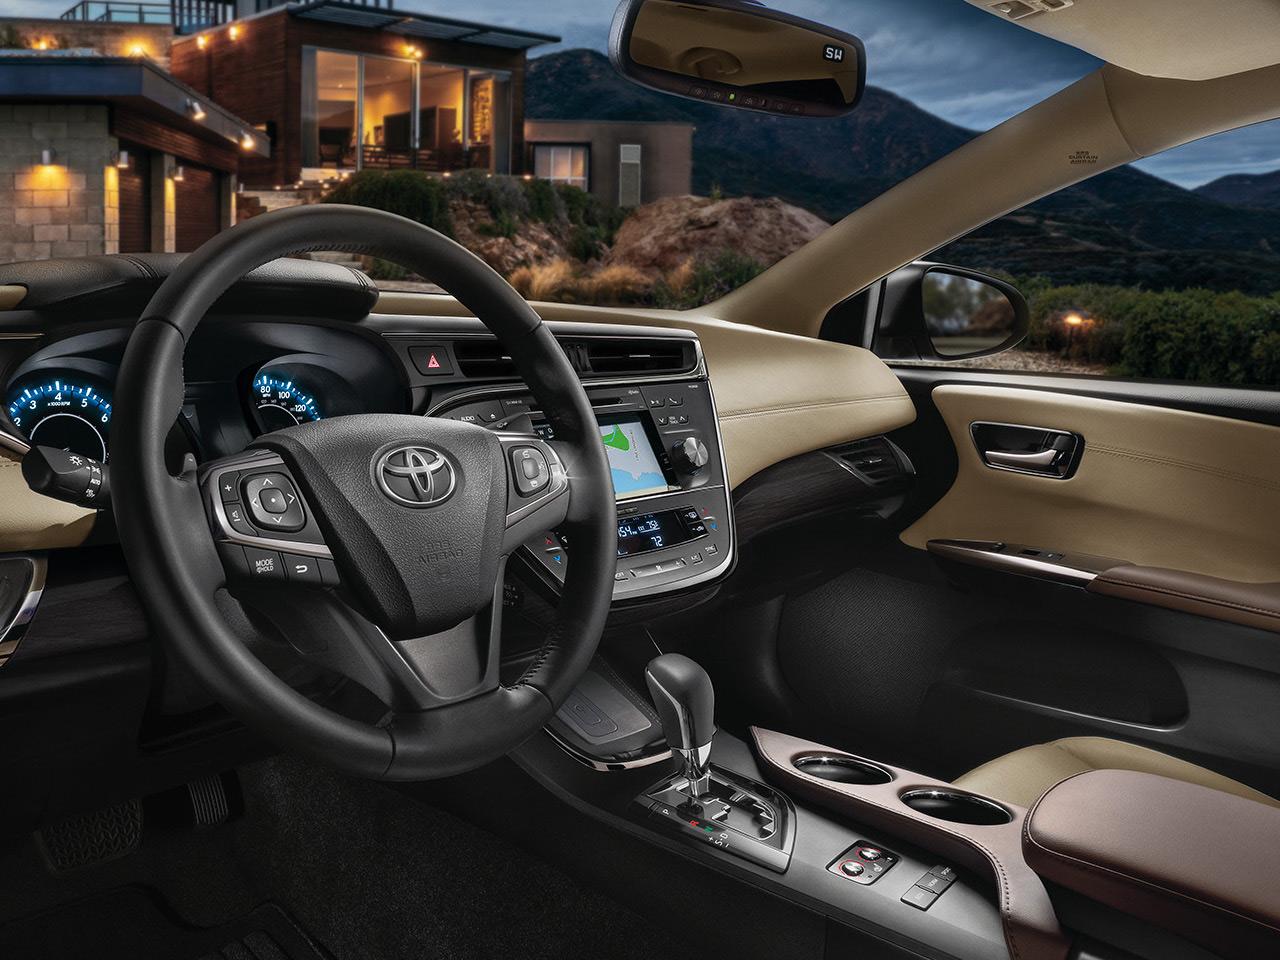 Interior View Of 2017 Toyota Avalon near San Diego